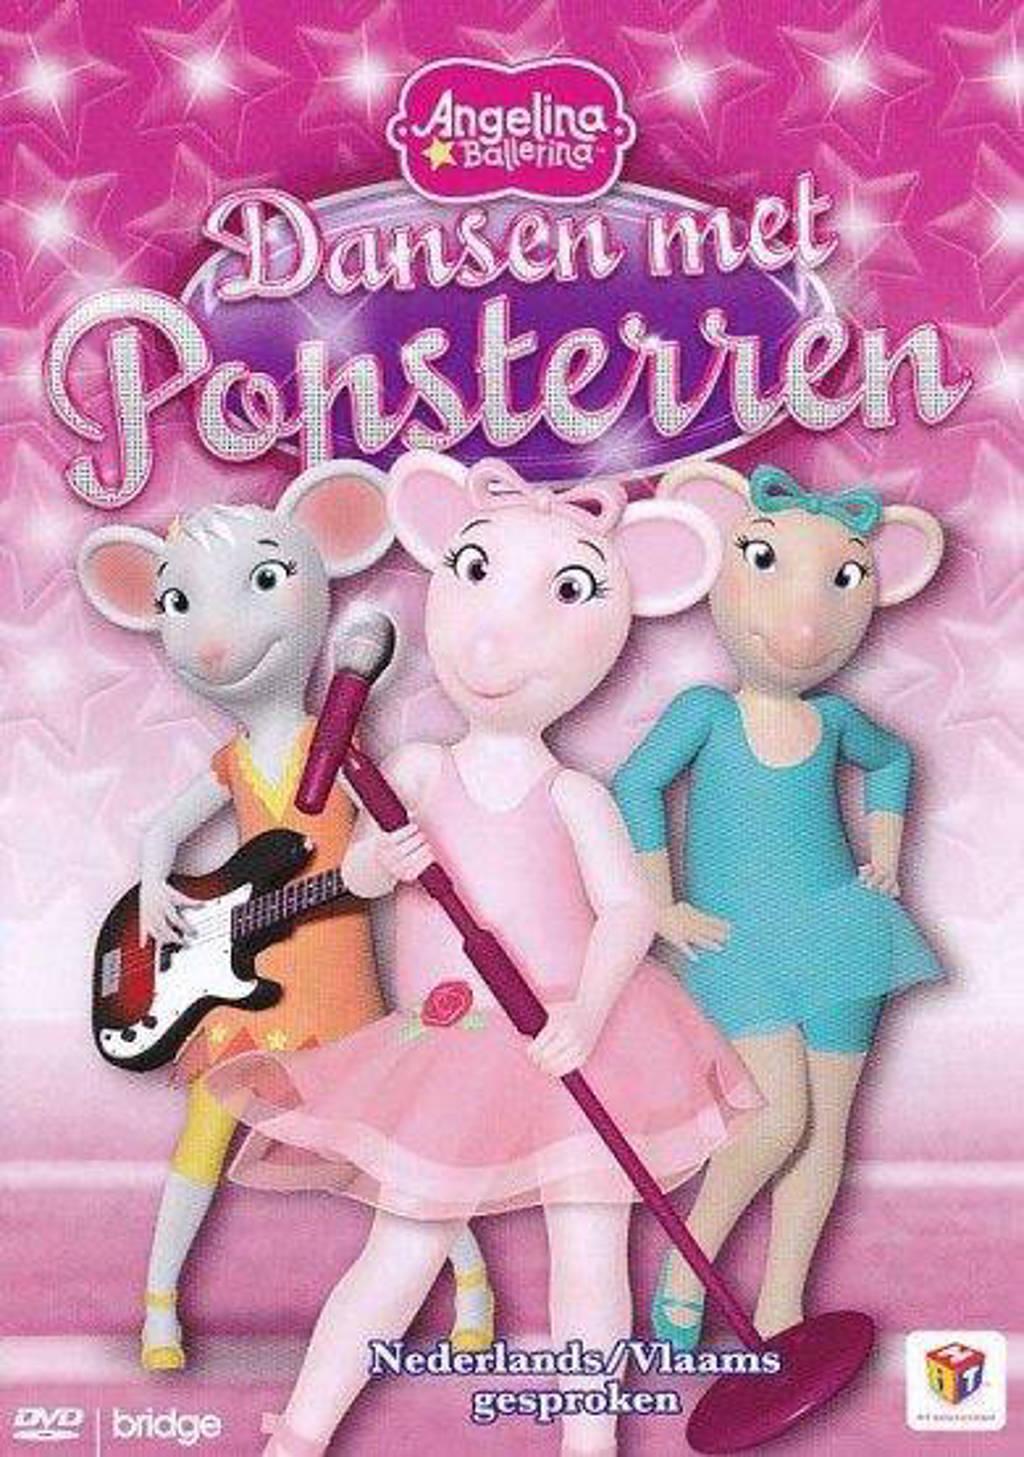 Angelina ballerina - Dansen met popsterren  (DVD)